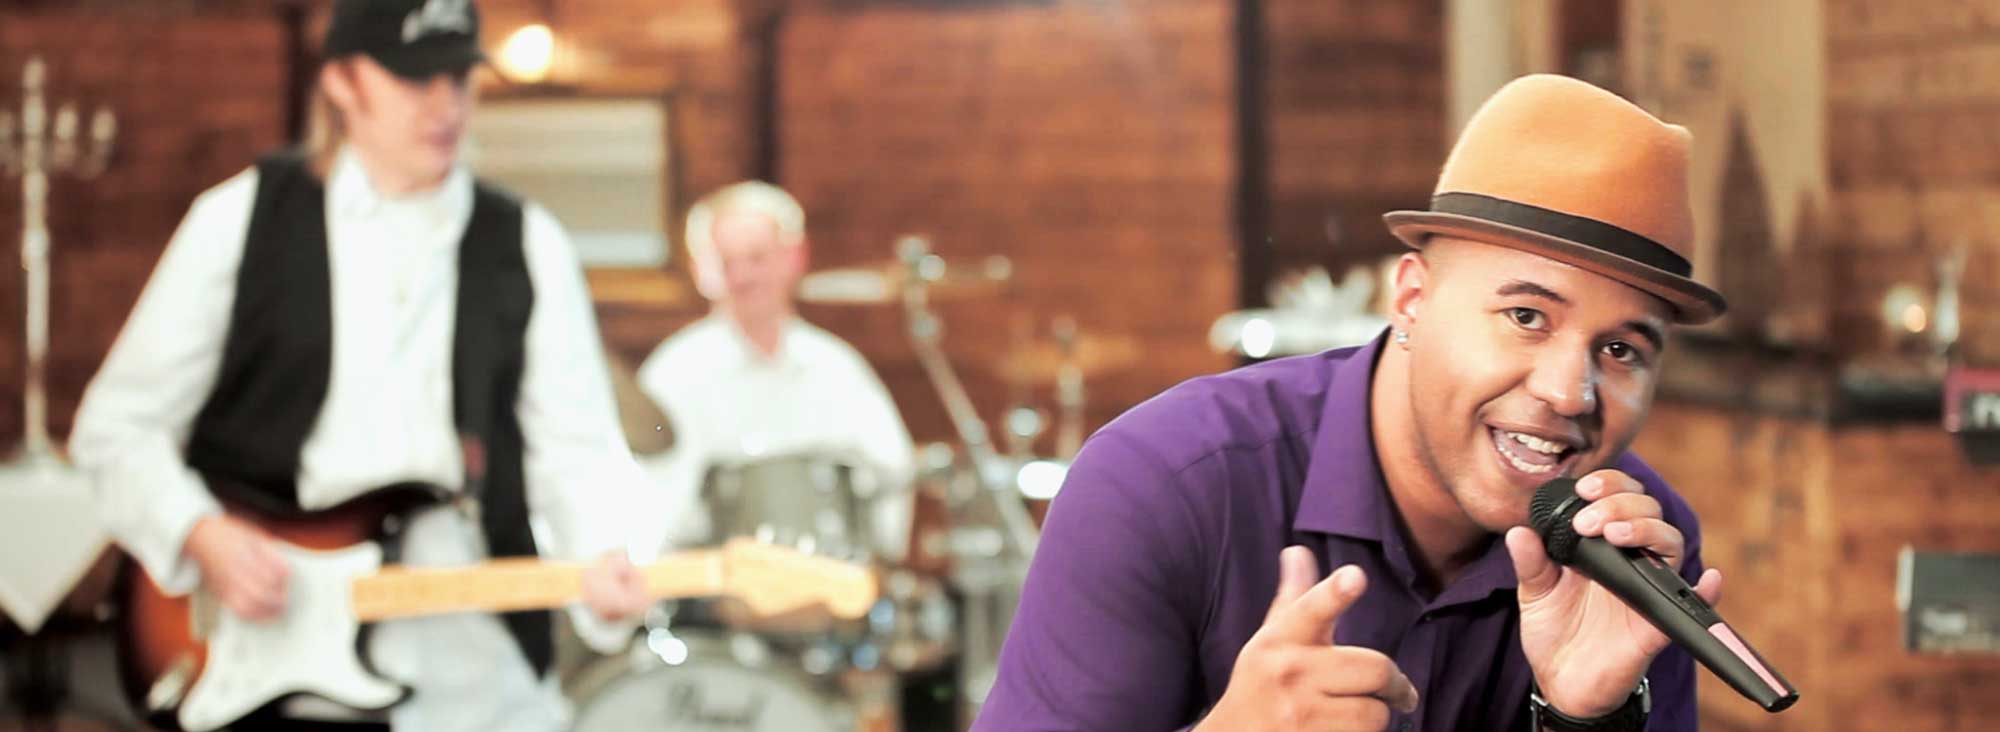 The JamRays Band – mehr Stimmung geht nicht!